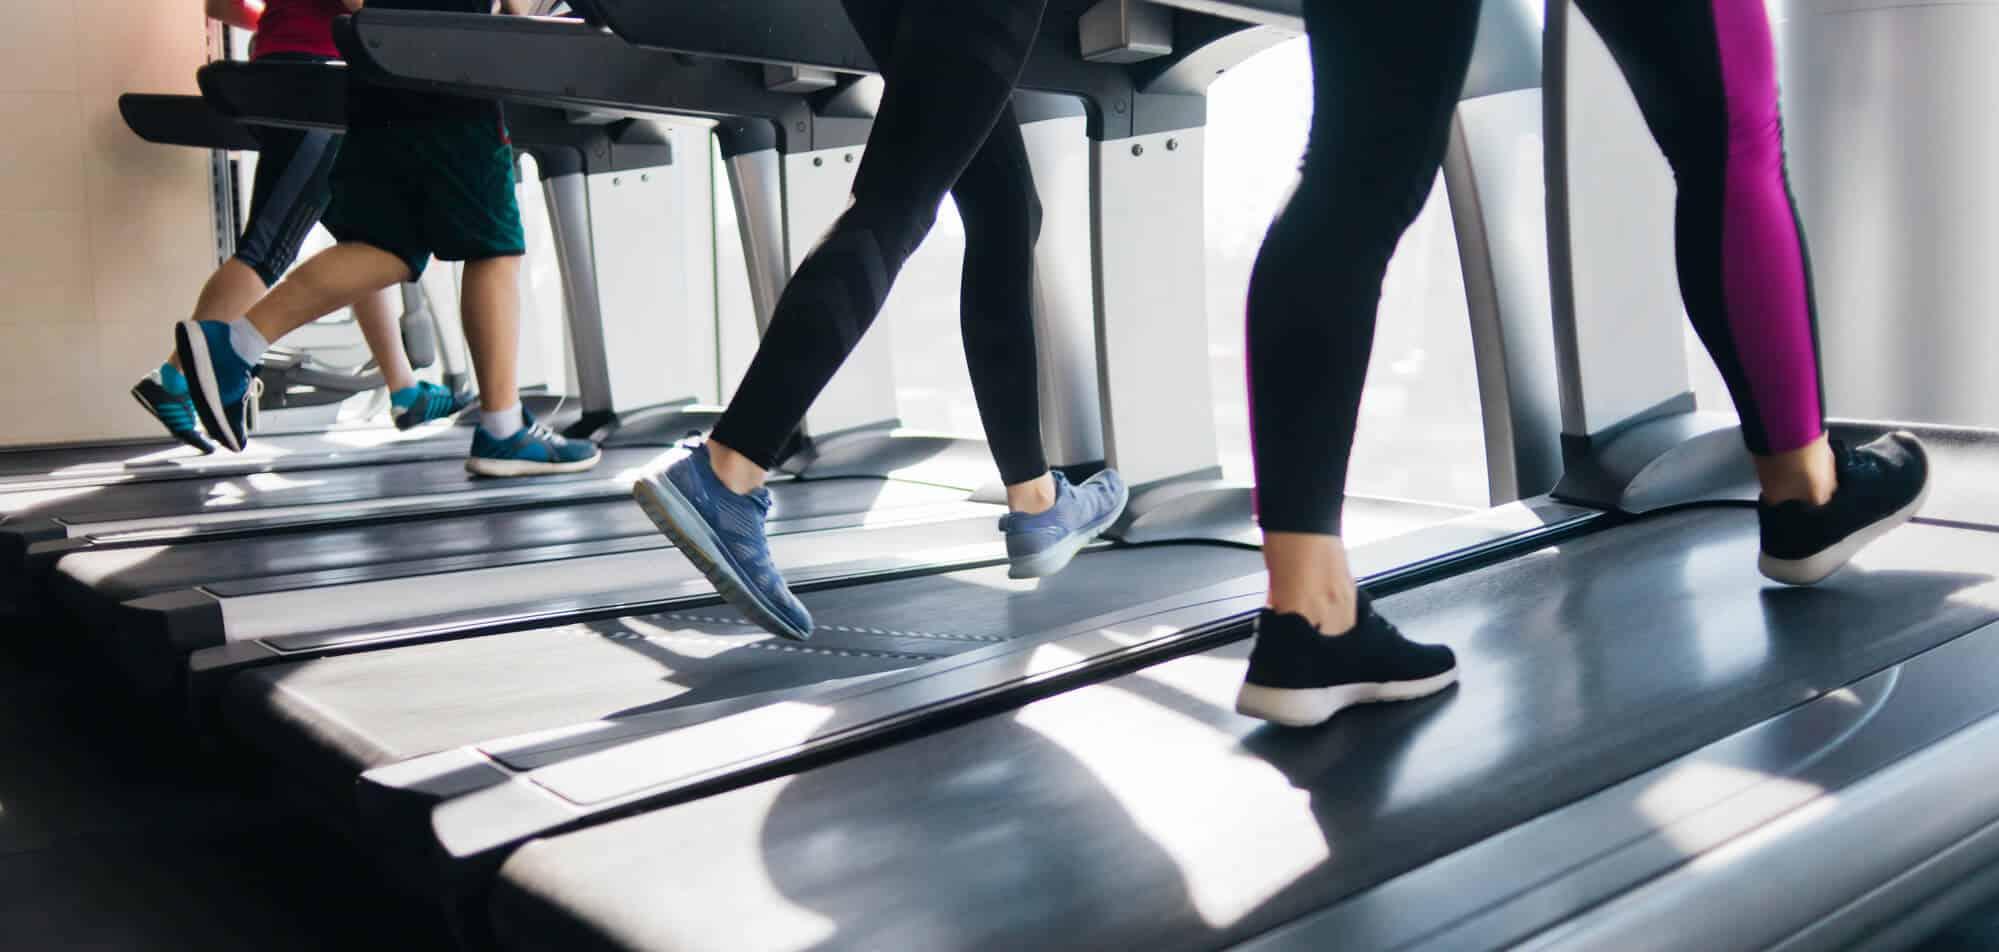 מה עדיף ריצה או הליכה